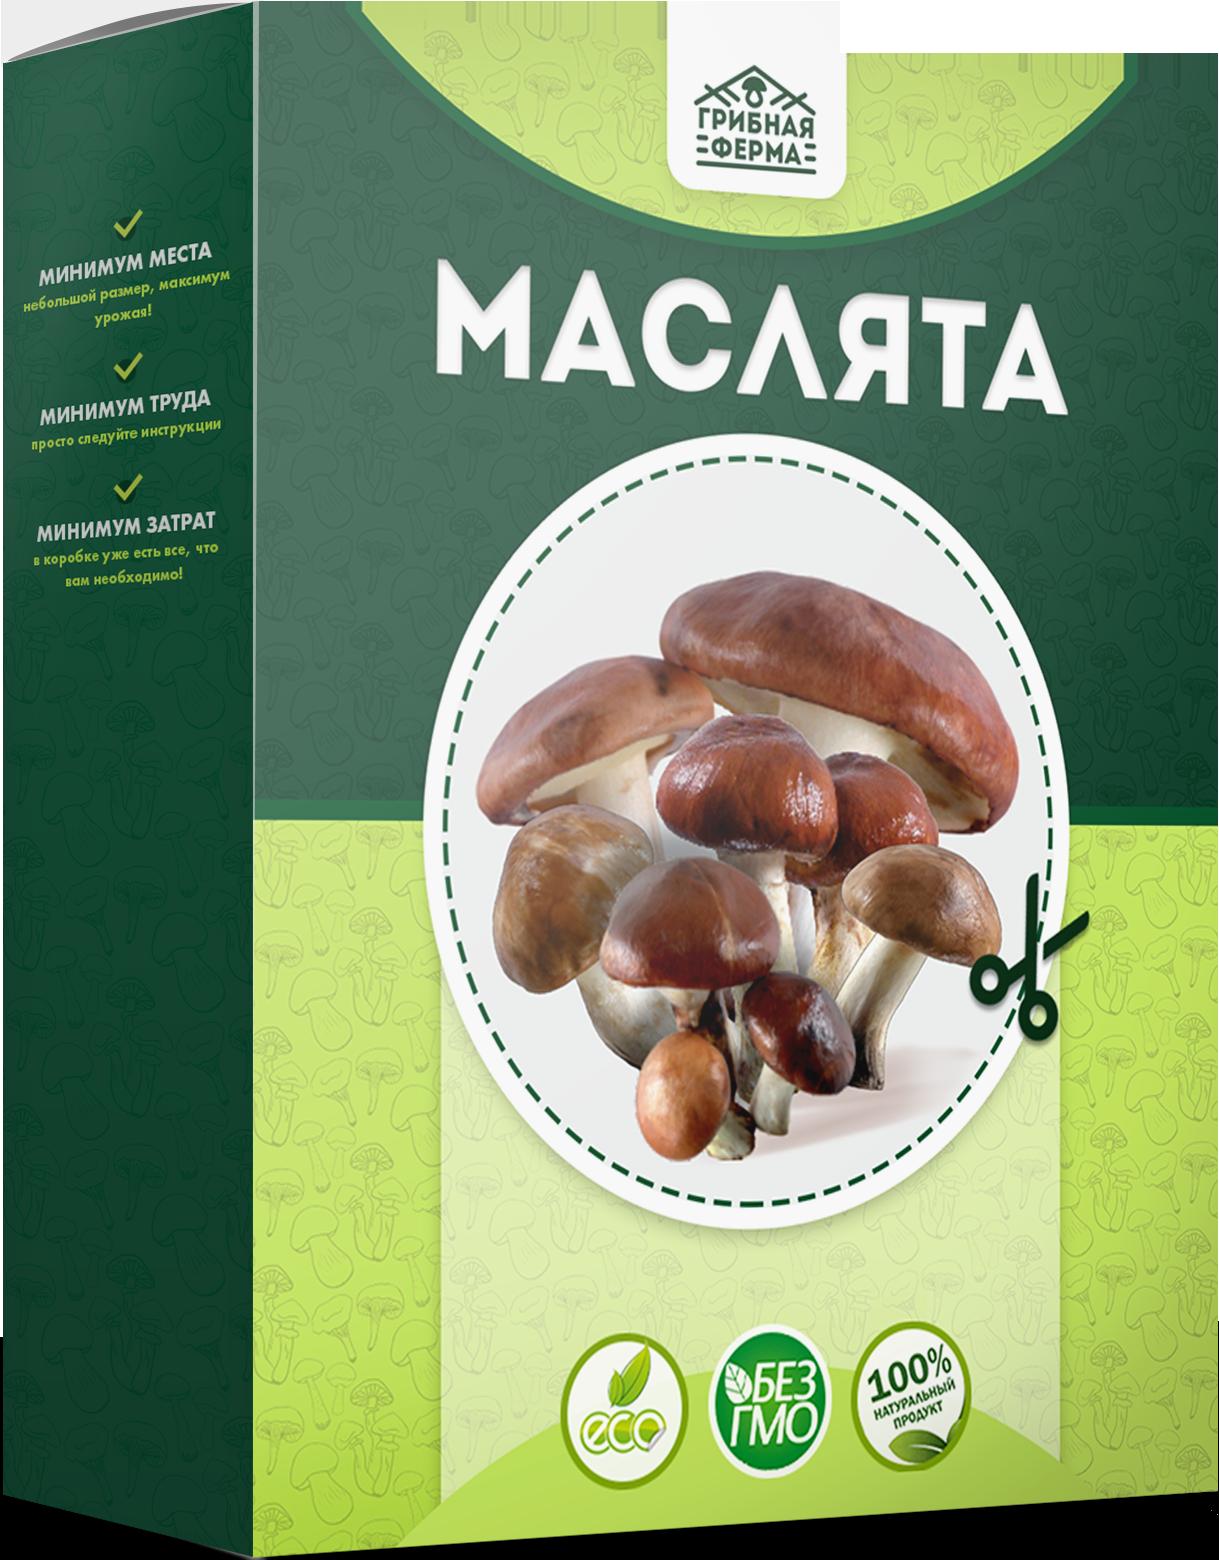 реальные отзывы о грибах в грибной корзине, выращенных в домашних условиях + фото 4